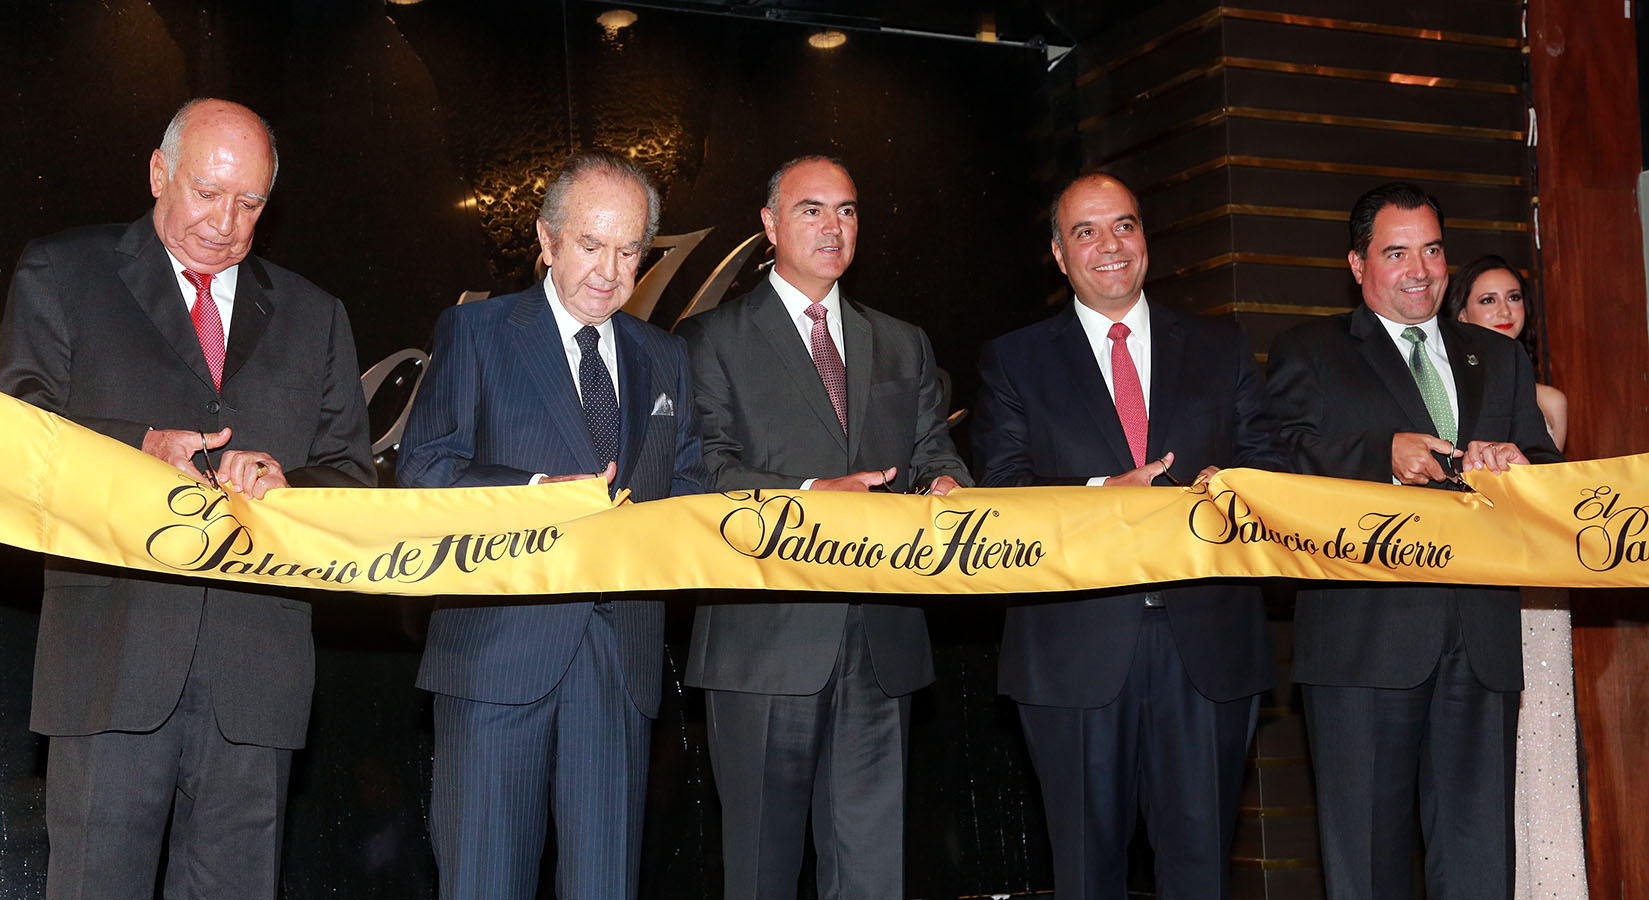 El Gobernador José Calzada inaugura El Palacio de Hierro en Querétaro